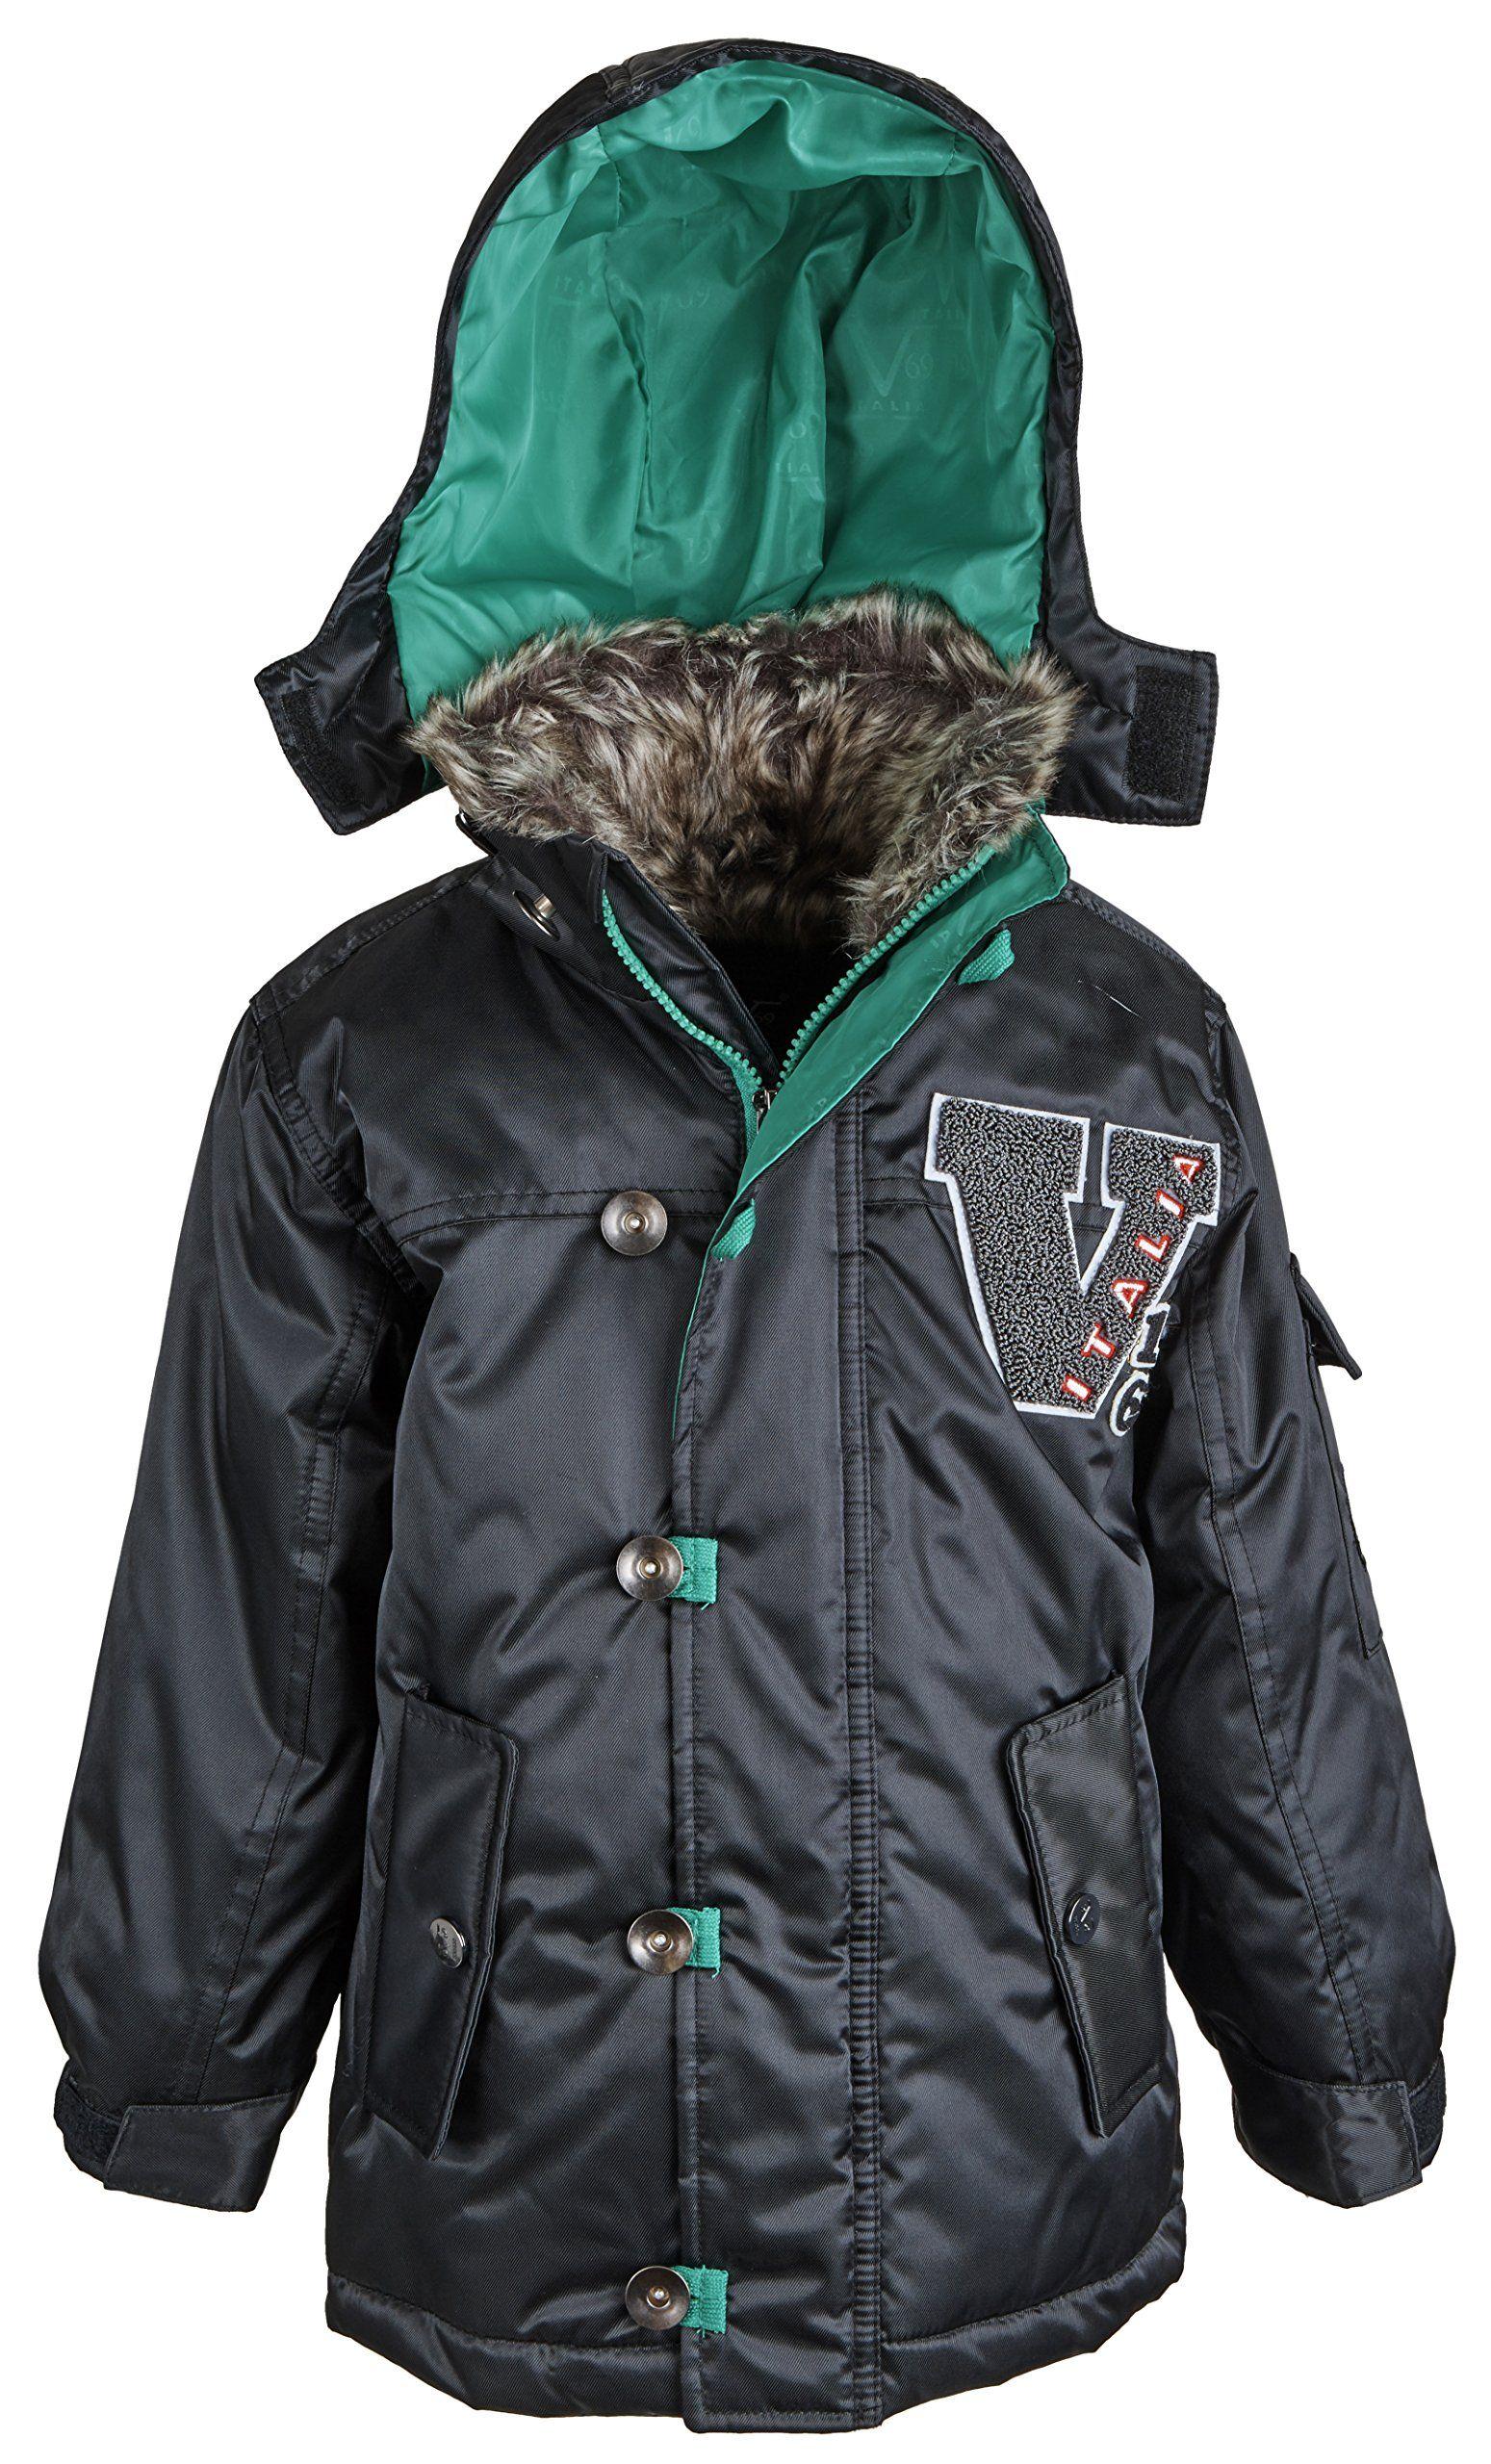 474729e9ff69 Versace 19.69 Big Boys Down Blend Warm Winter Puffer Jacket Coat ...